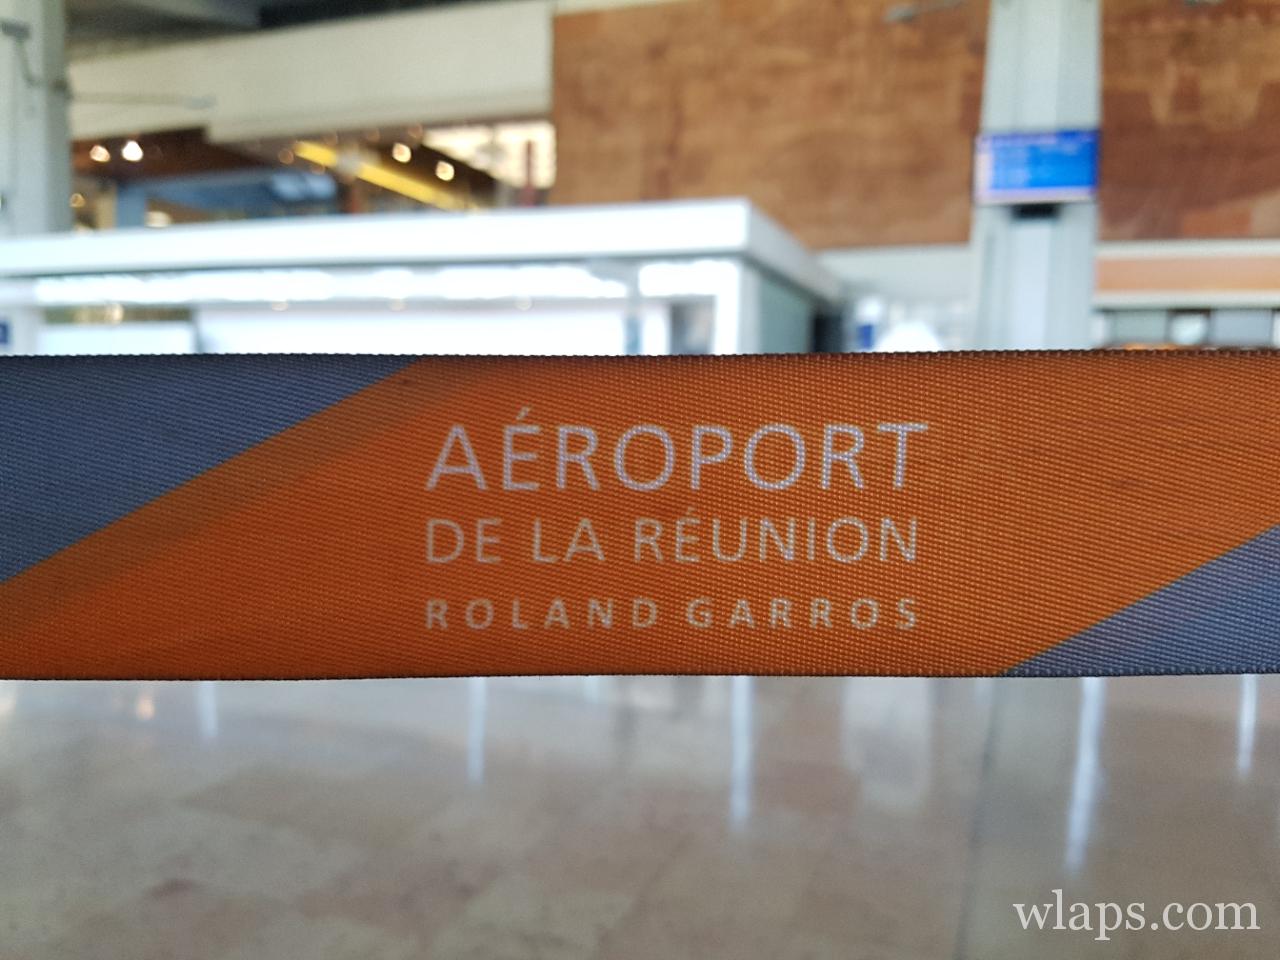 à l'aéroport de La Réunion